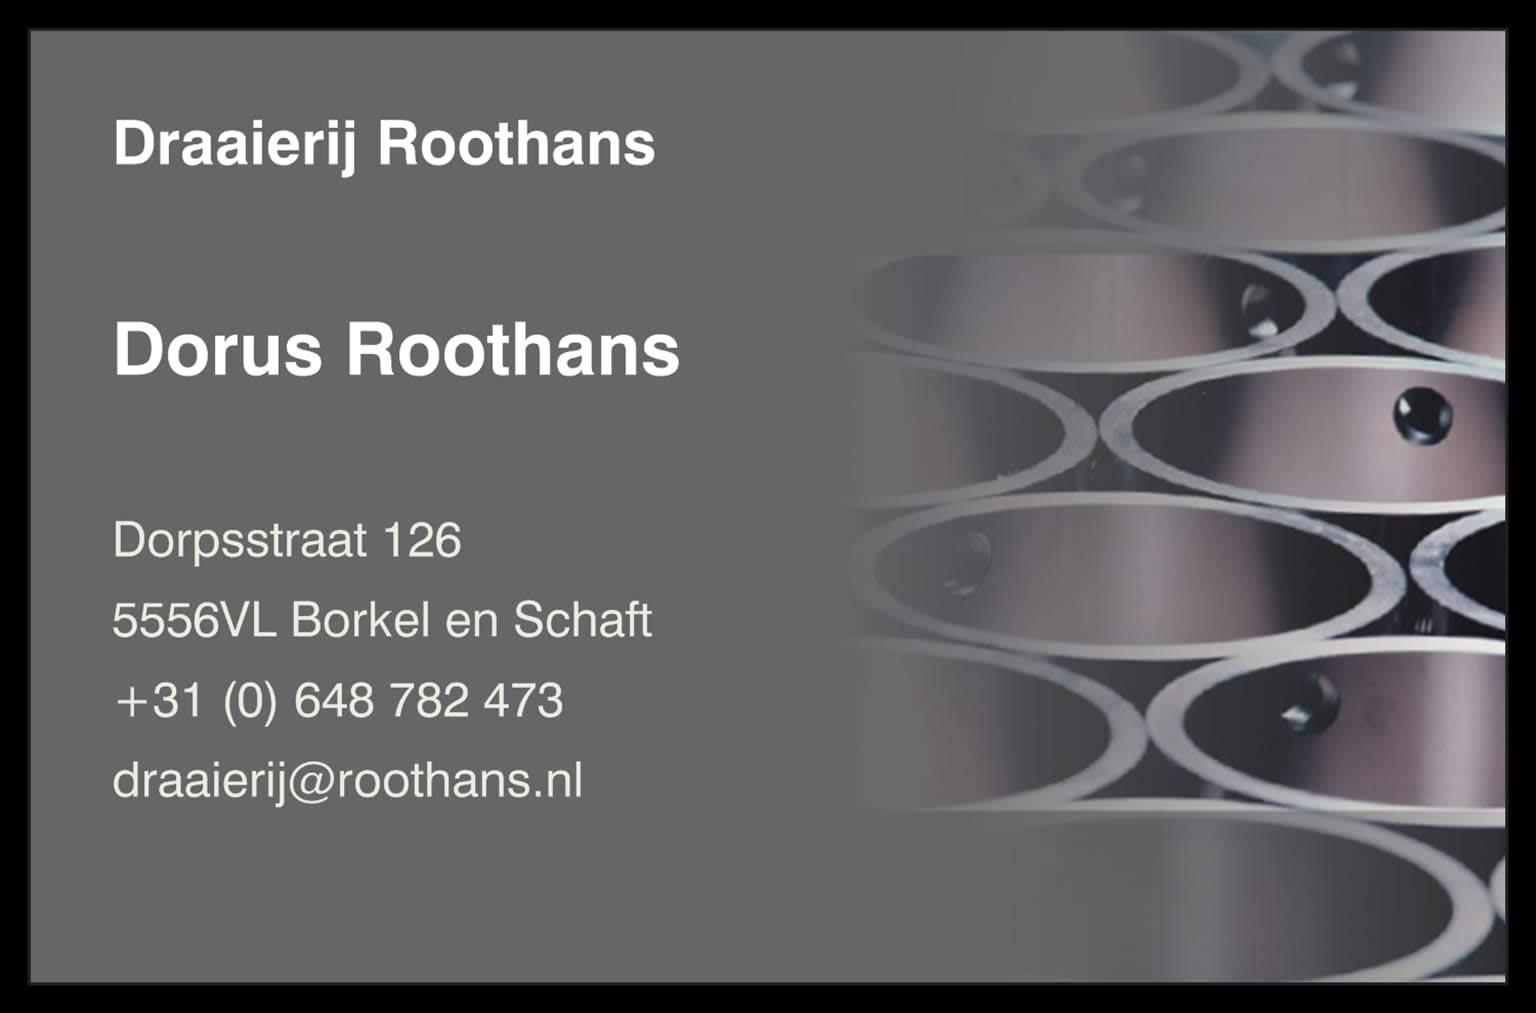 Draaierij Roothans